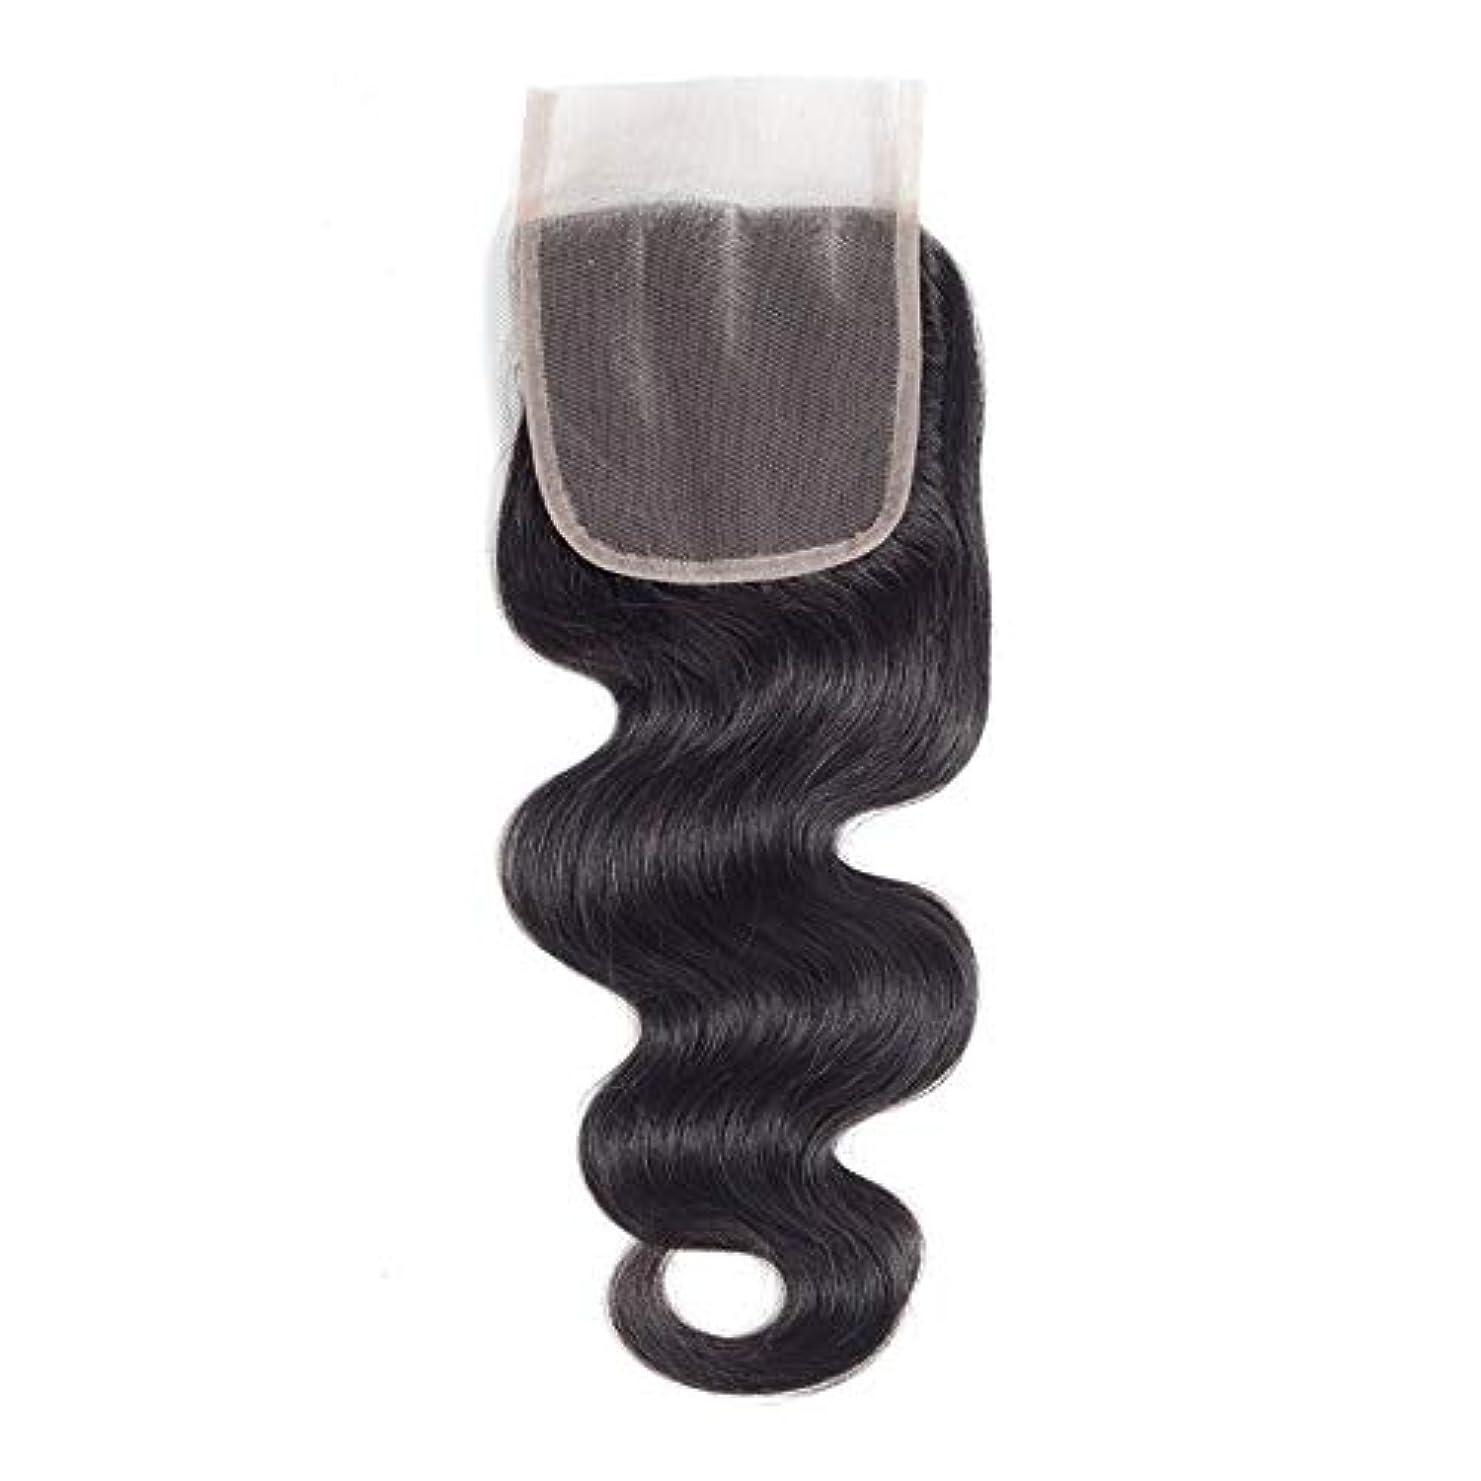 保険をかけるけがをする避けるHOHYLLYA ブラジル実体波巻き毛4 x 4インチレース閉鎖無料部分100%本物の人間の髪の毛の自然な色(8インチ-20インチ)長い巻き毛のかつら、 (色 : 黒, サイズ : 16 inch)